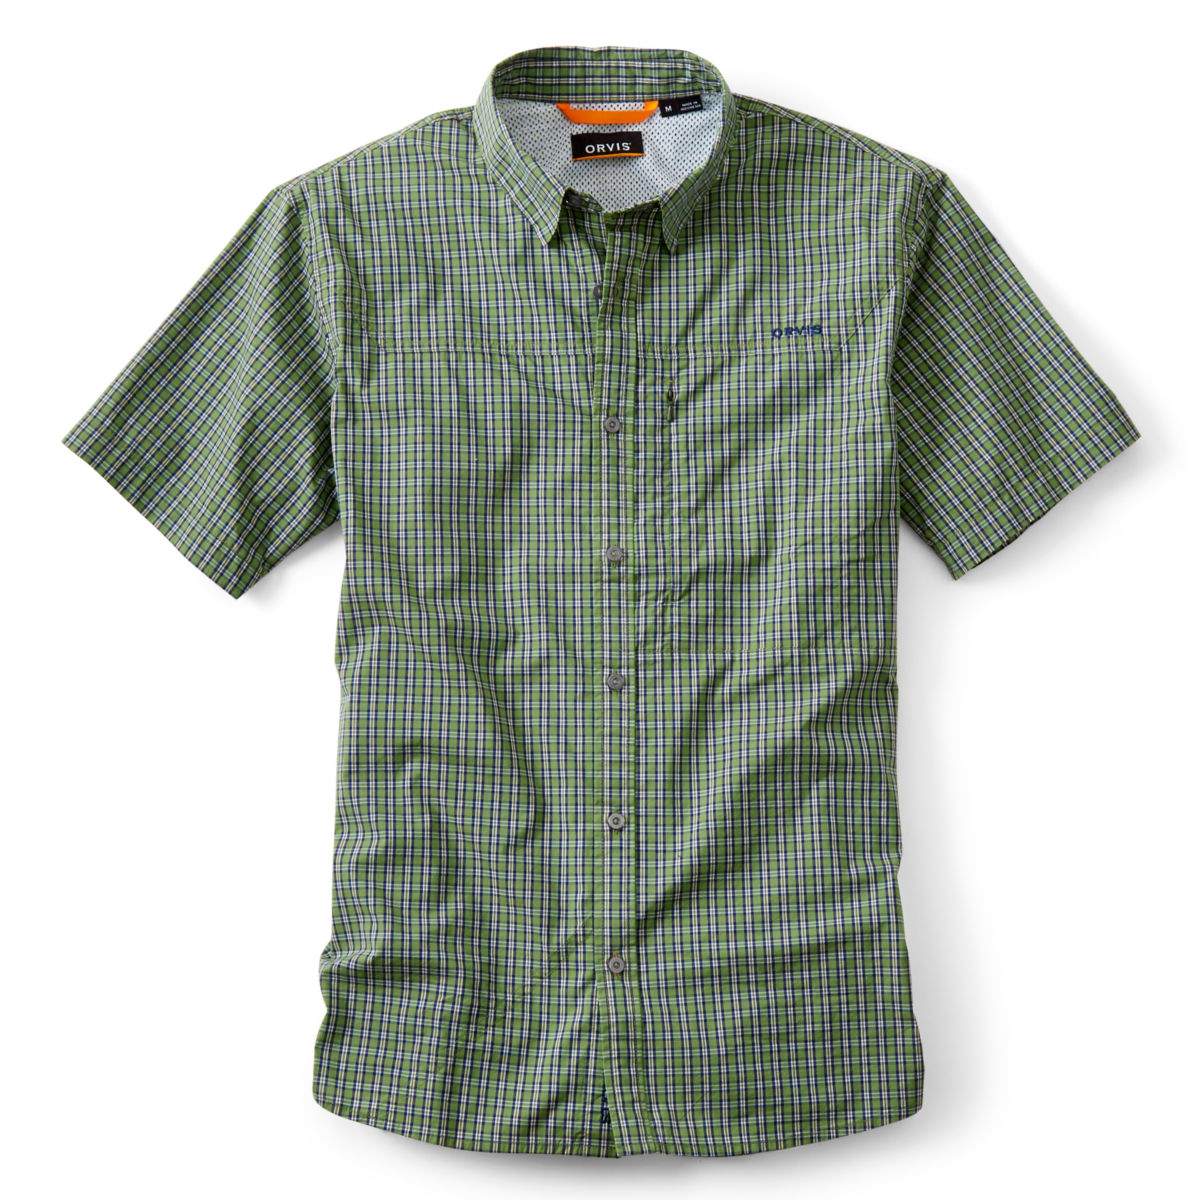 South Fork Stretch Short-Sleeved Shirt - image number 0